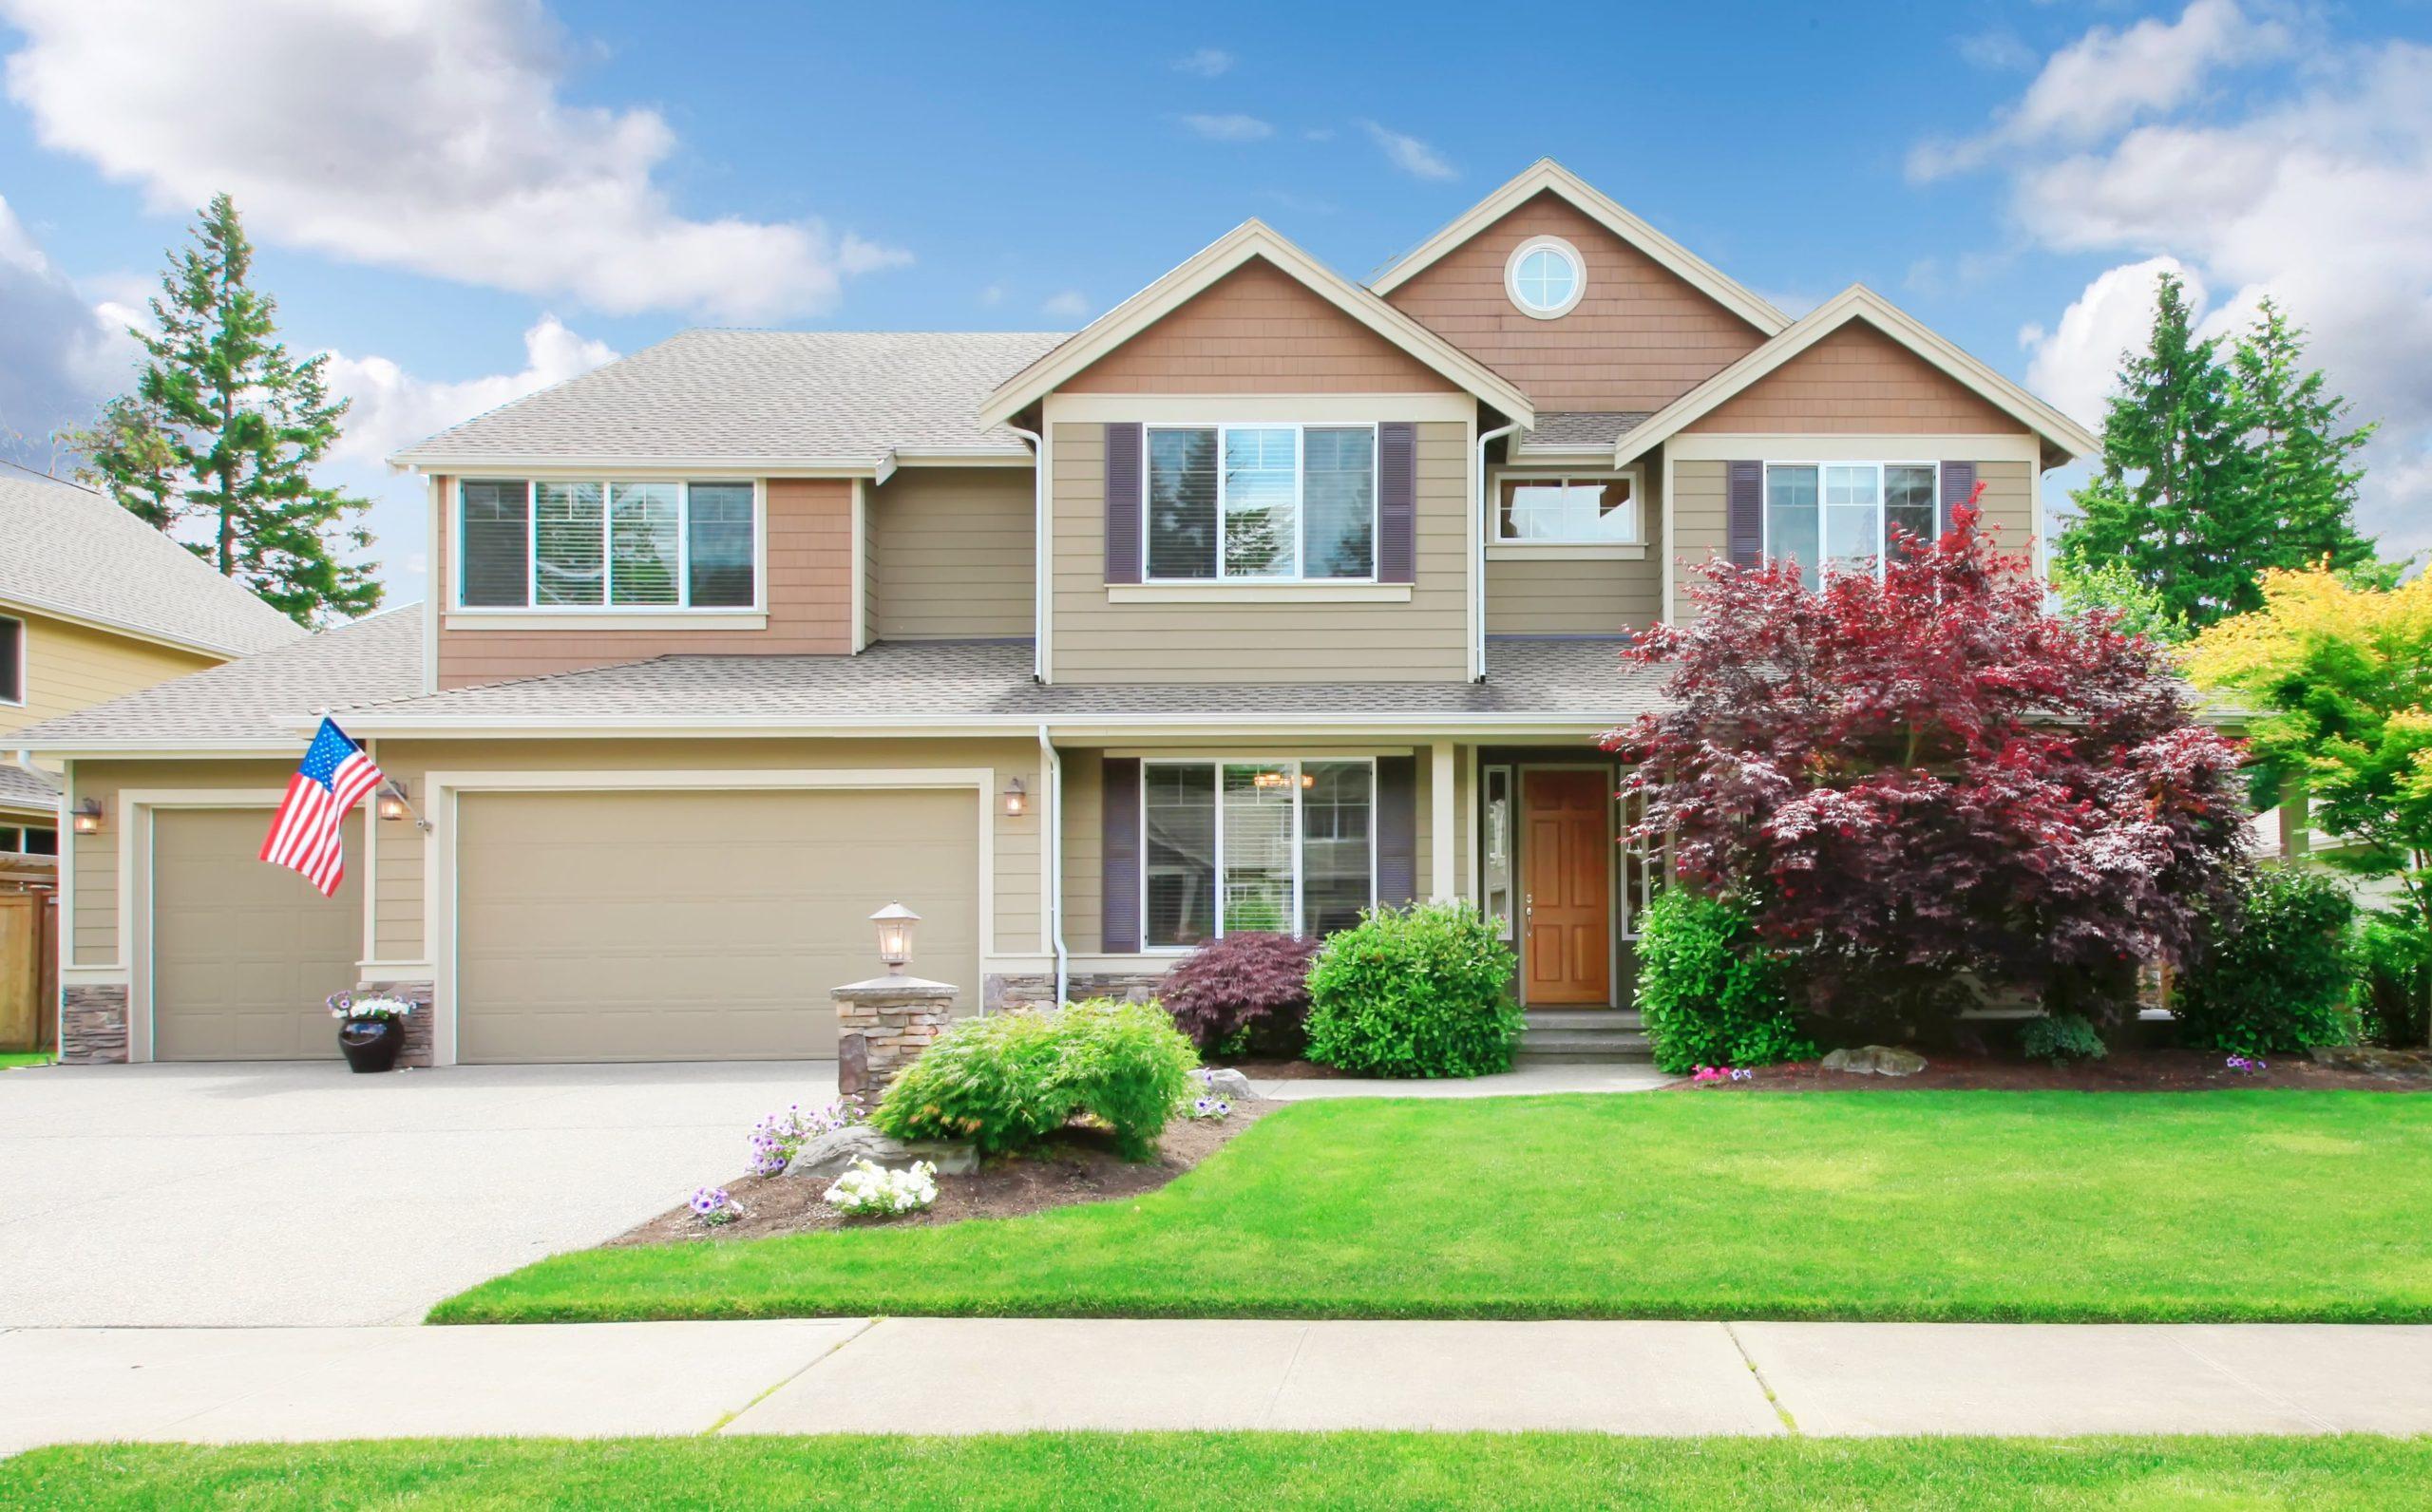 foto casa dia de sol 8 Pasos a seguir para comprar una propiedad en USA